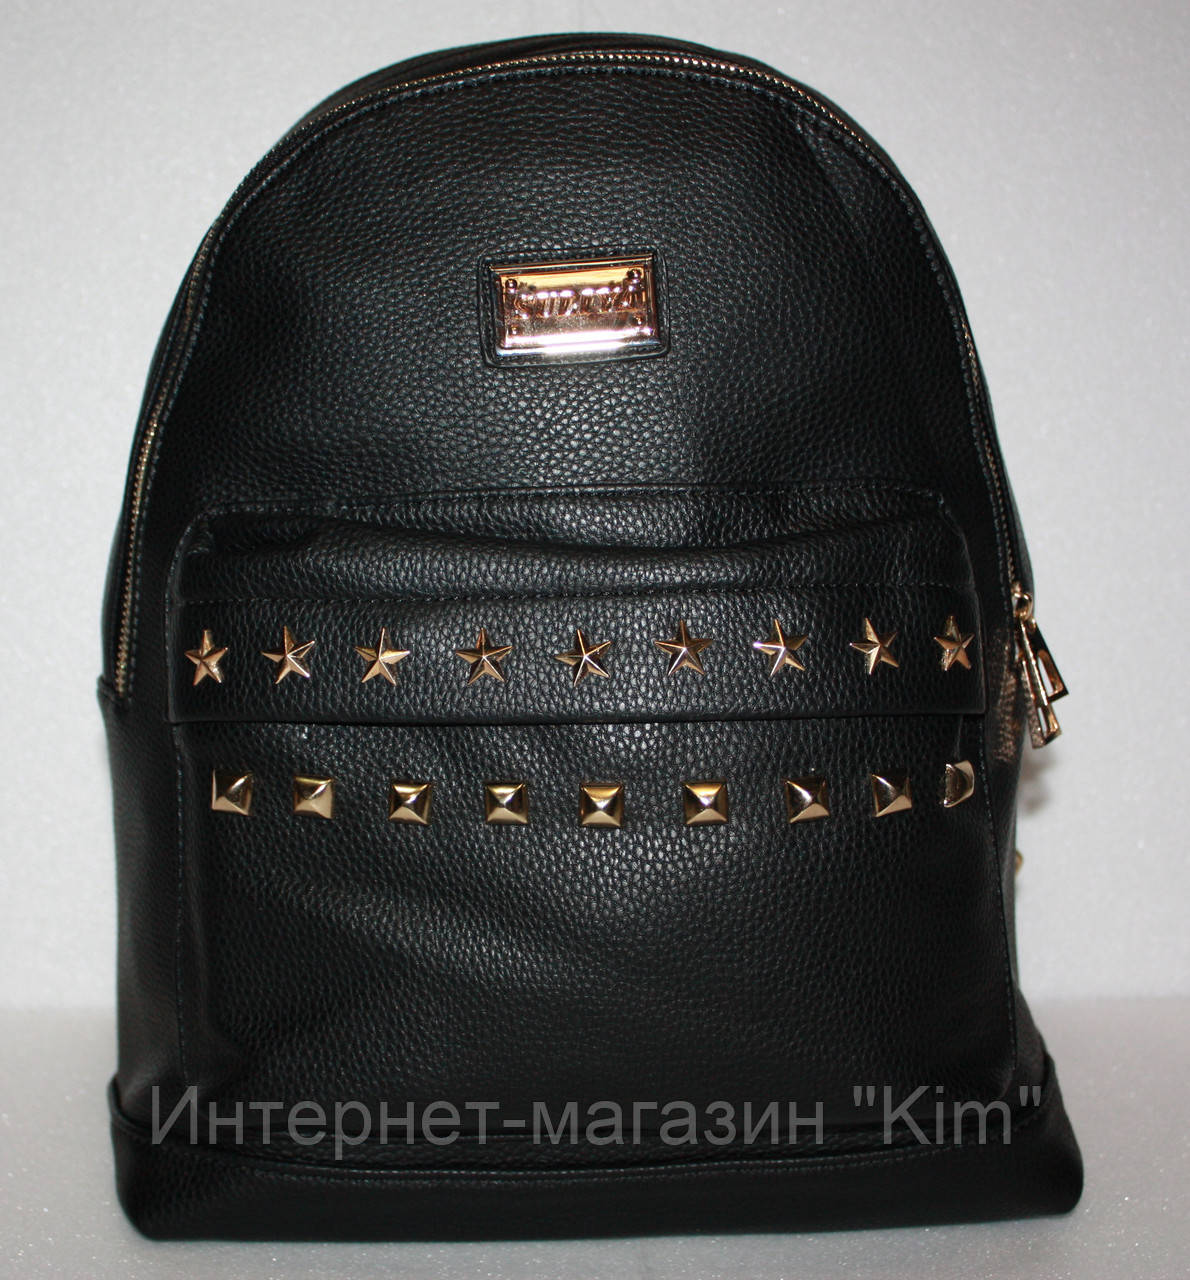 002a6001067a Школьный рюкзак женский экокожа черный со звездами: продажа, цена в ...